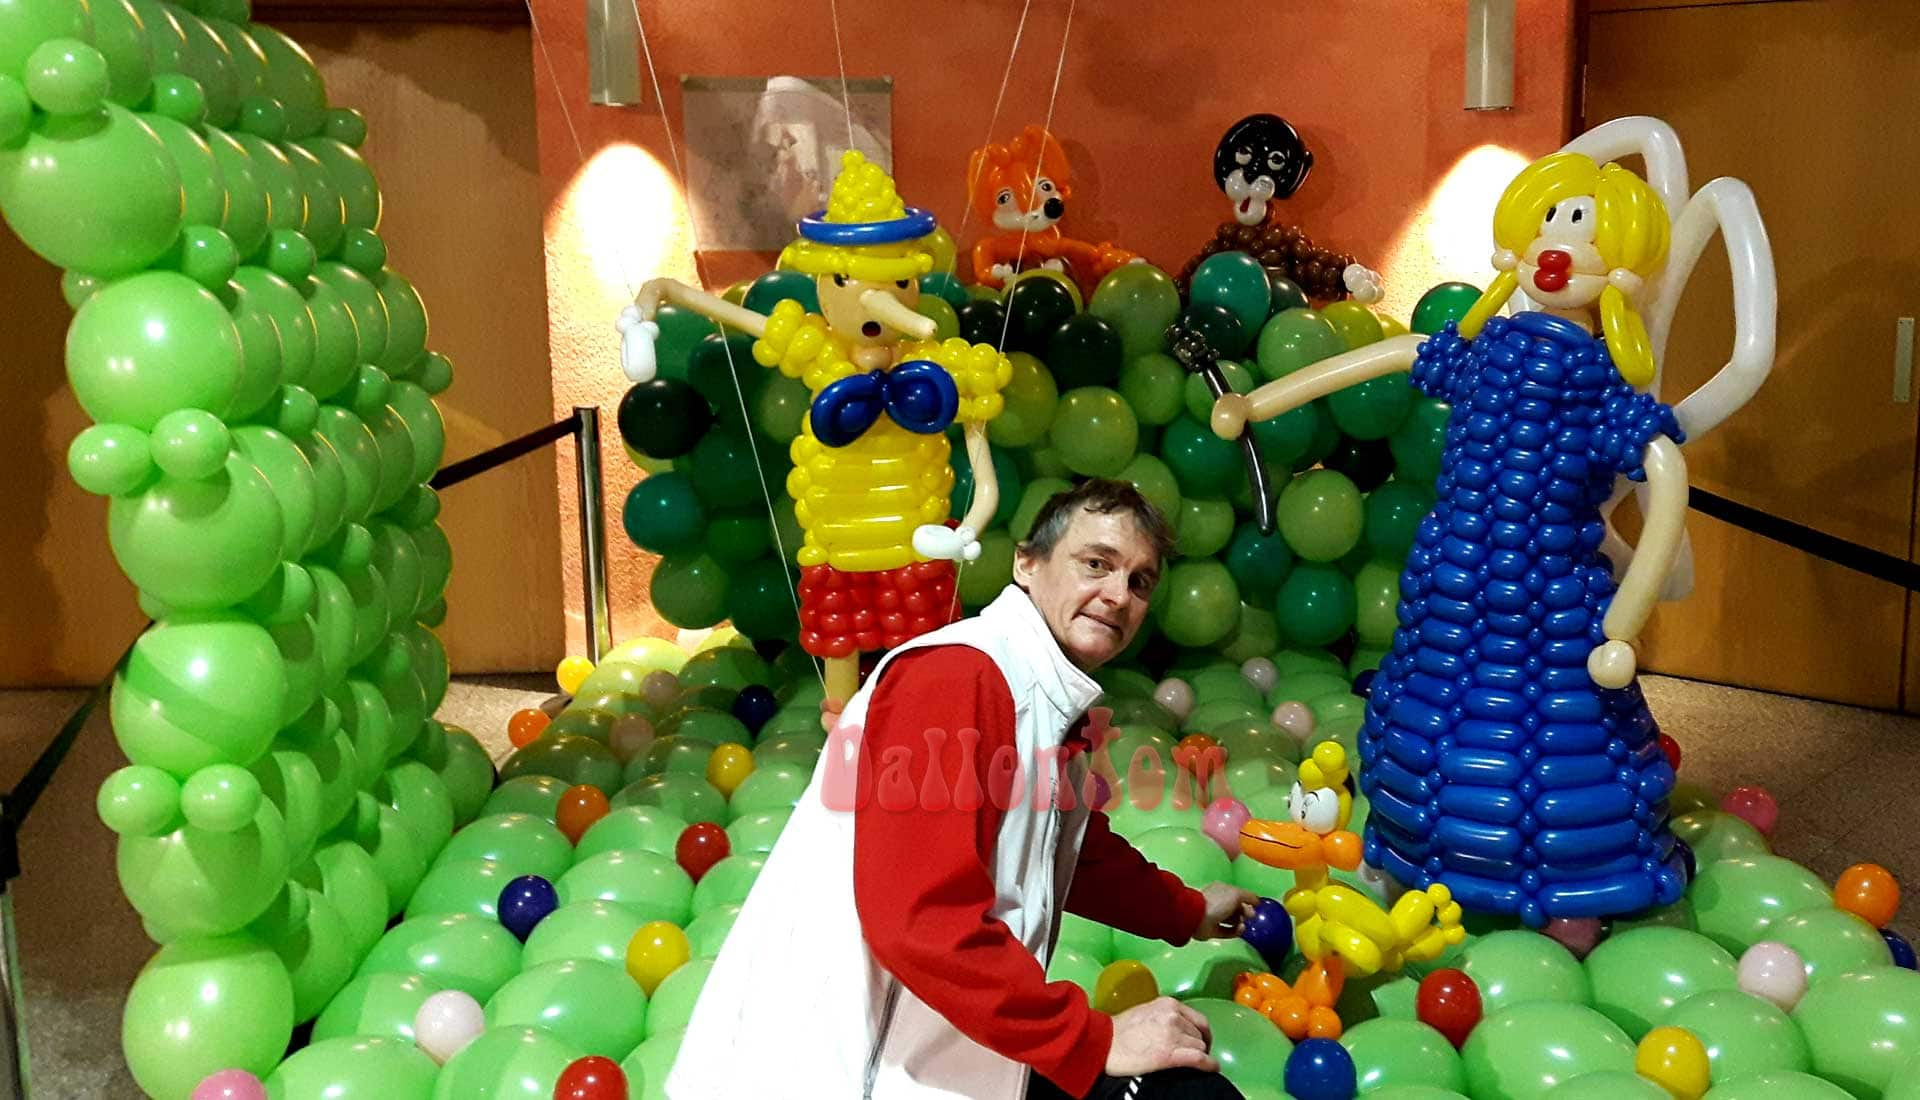 Ballonwelt zur Kinderoper Pinocchio in Unterschleißheim Nähe München - Bild: Pinocchio, Gute Fee und die Bösewichter mit ballontom